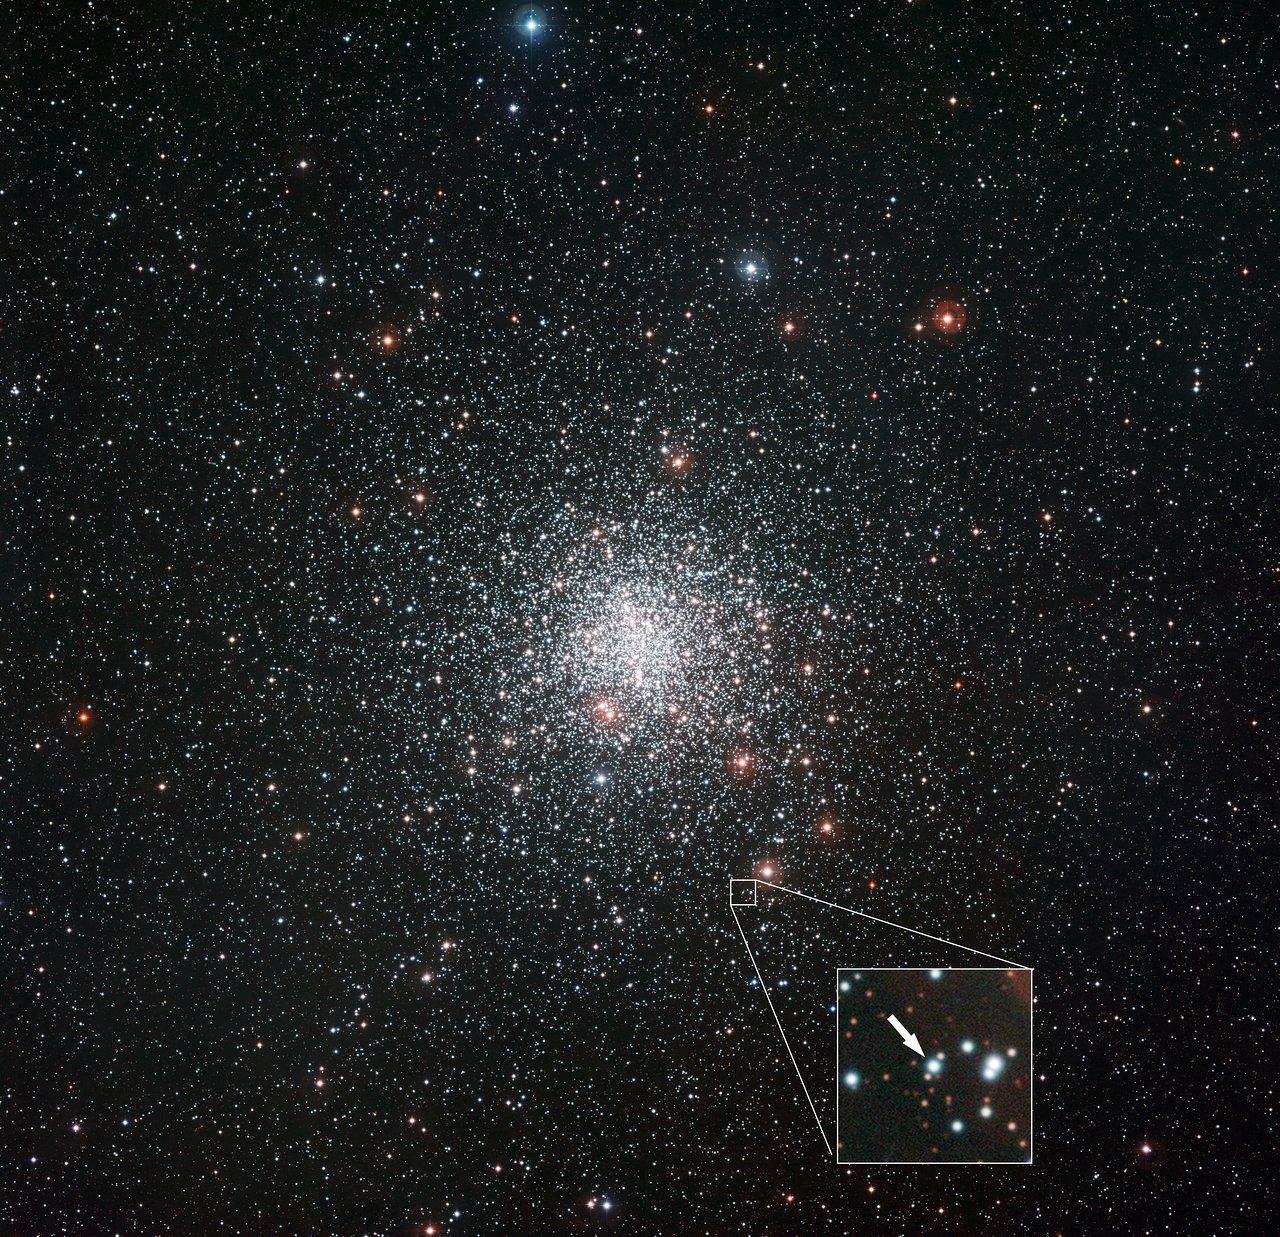 Kugelsternhaufen Messier 4 und die Position des sonderbaren Sterns